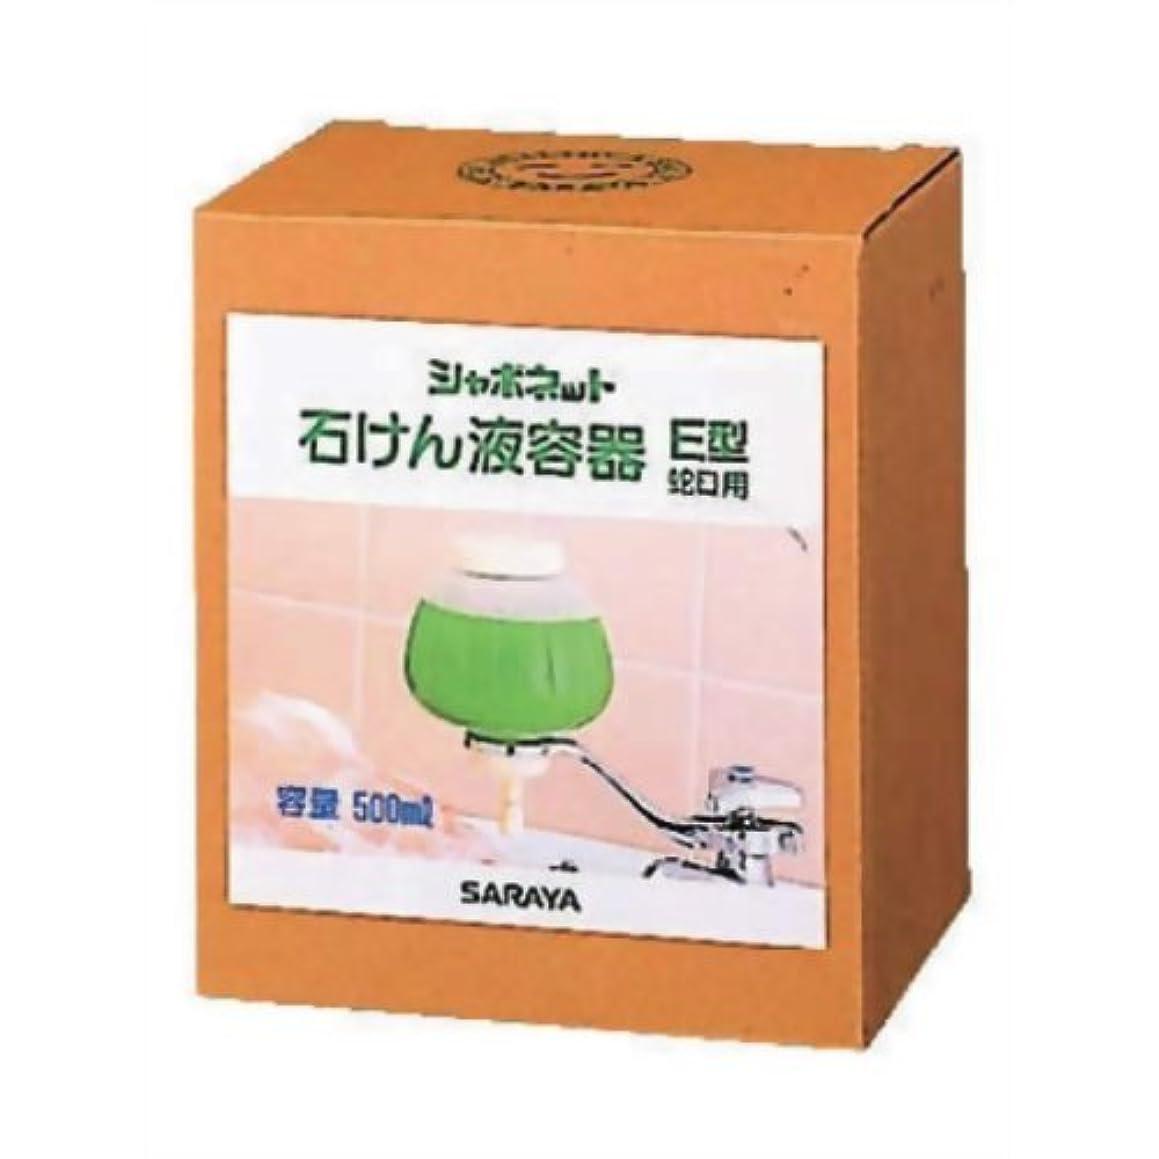 個人不格好図書館シャボネット 石鹸液容器 E型蛇口用 500ml